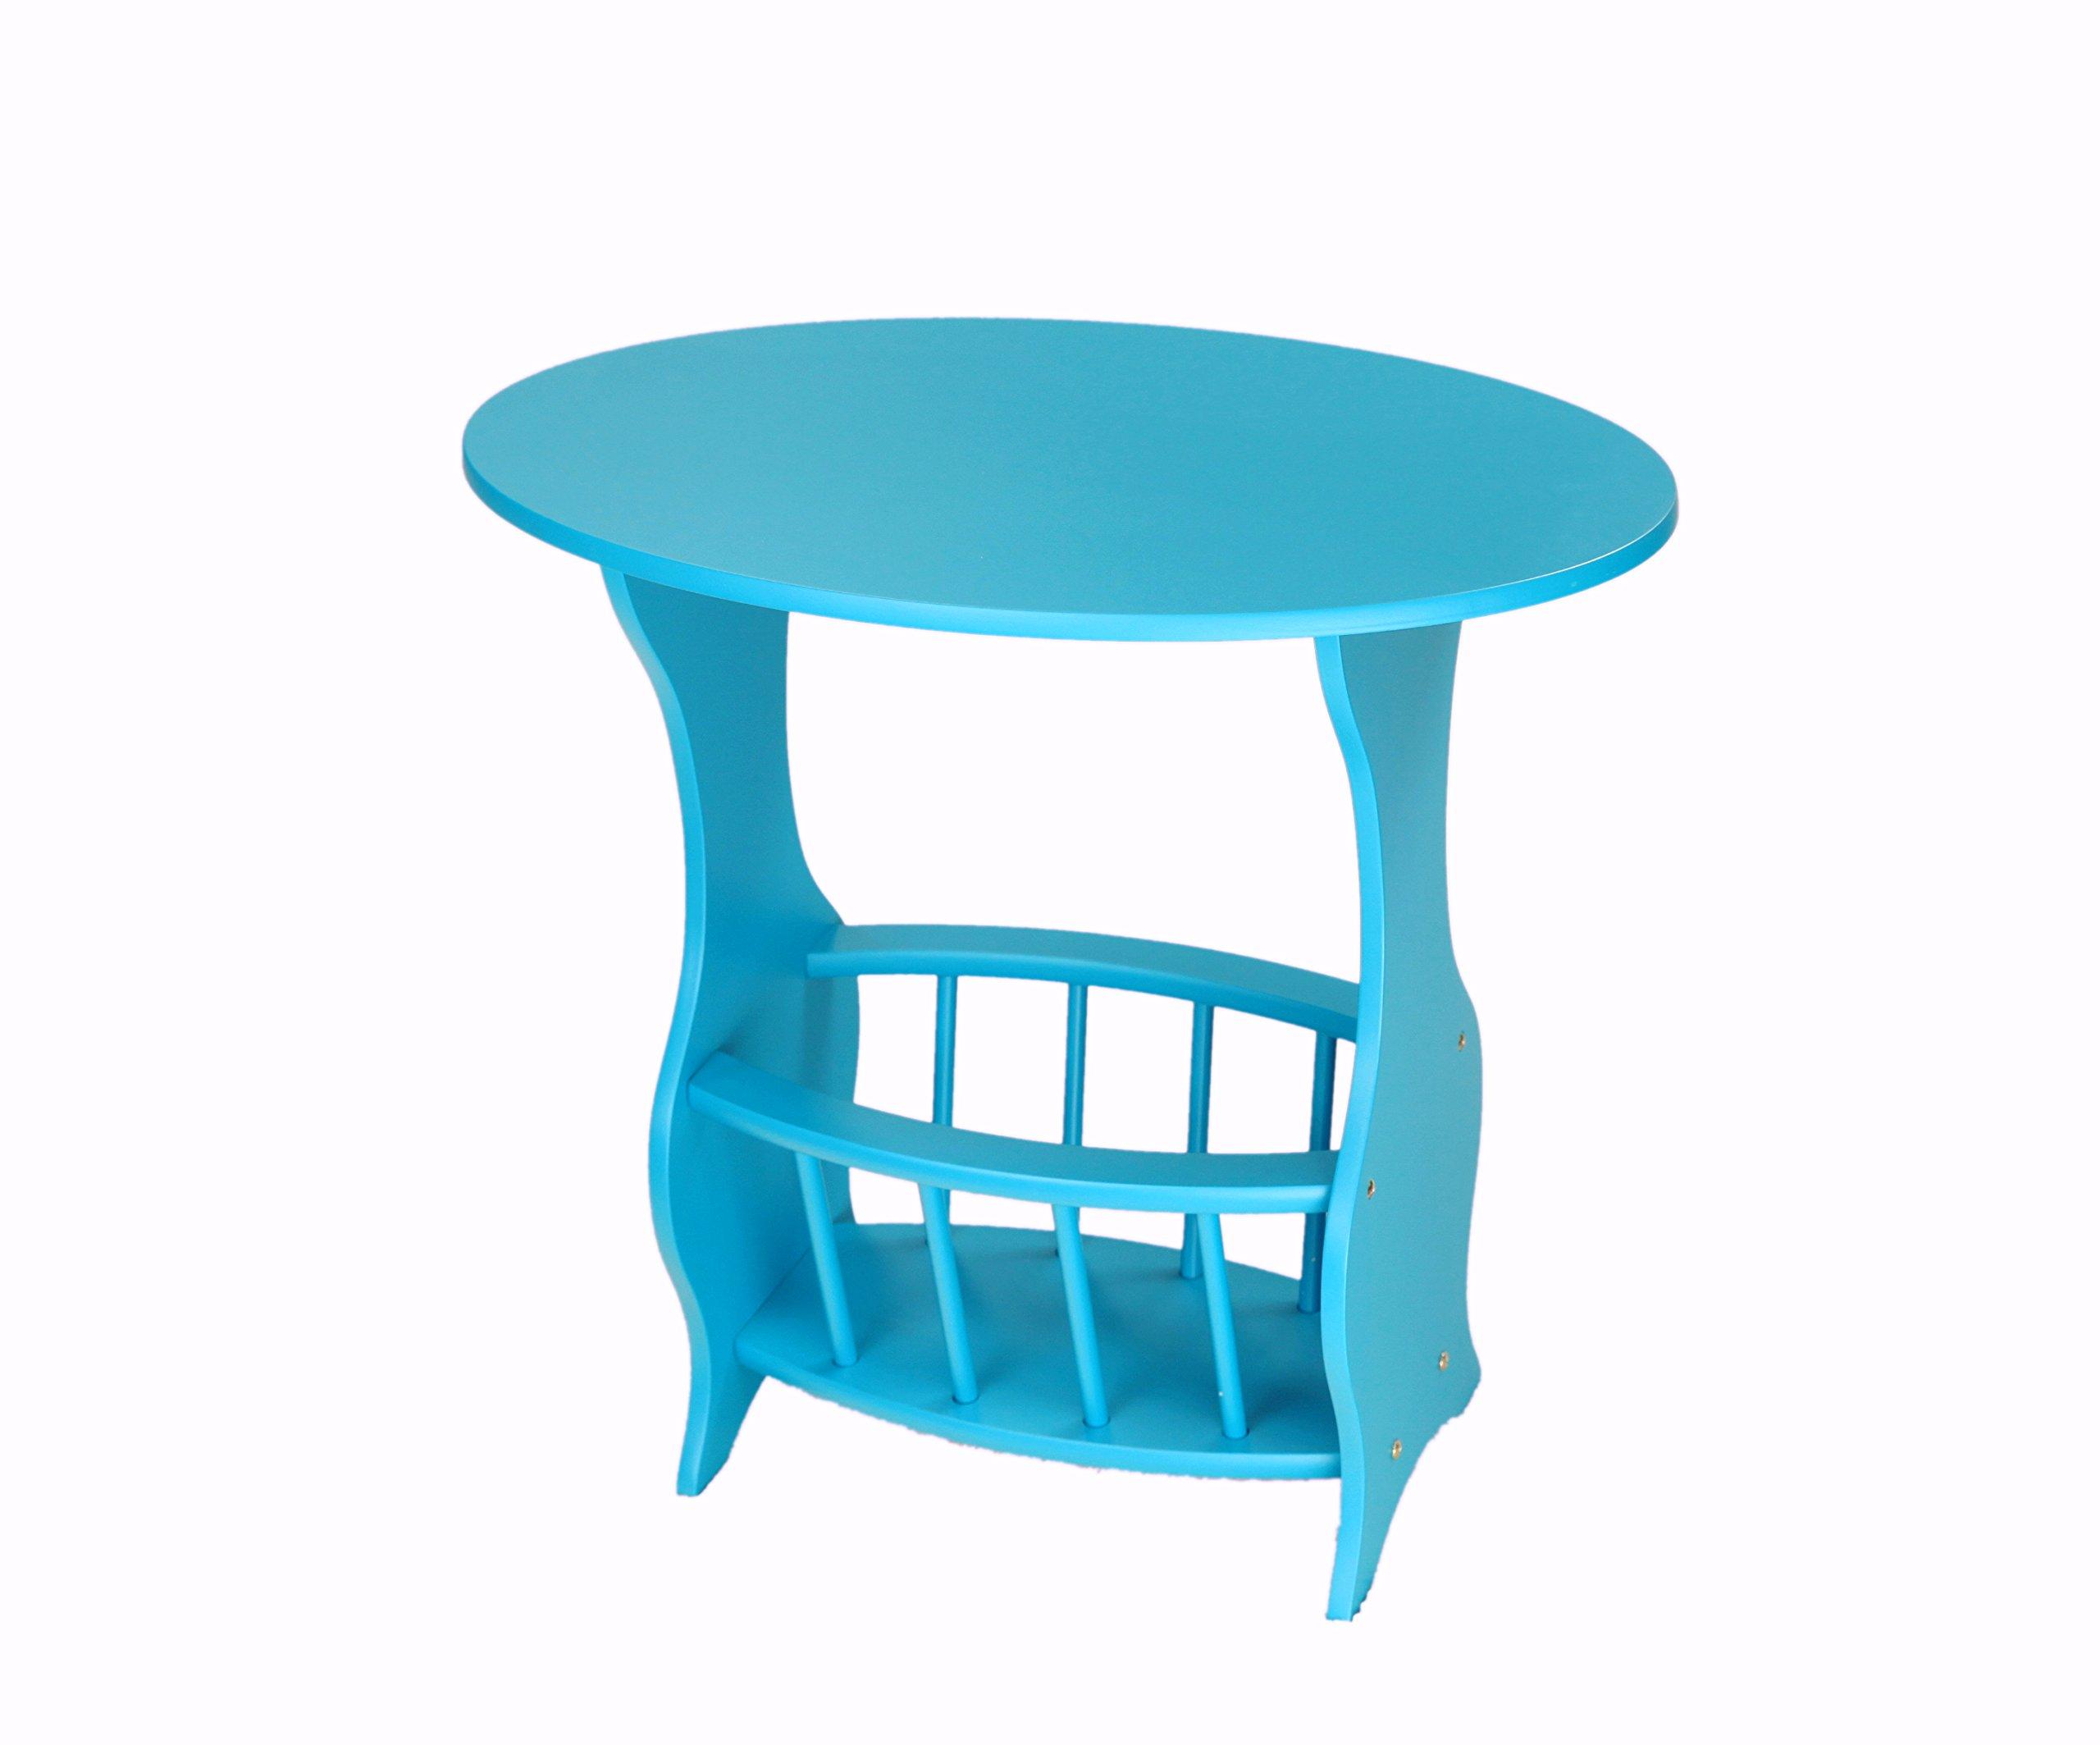 Frenchi Home Furnishing Magazine Table, Blue